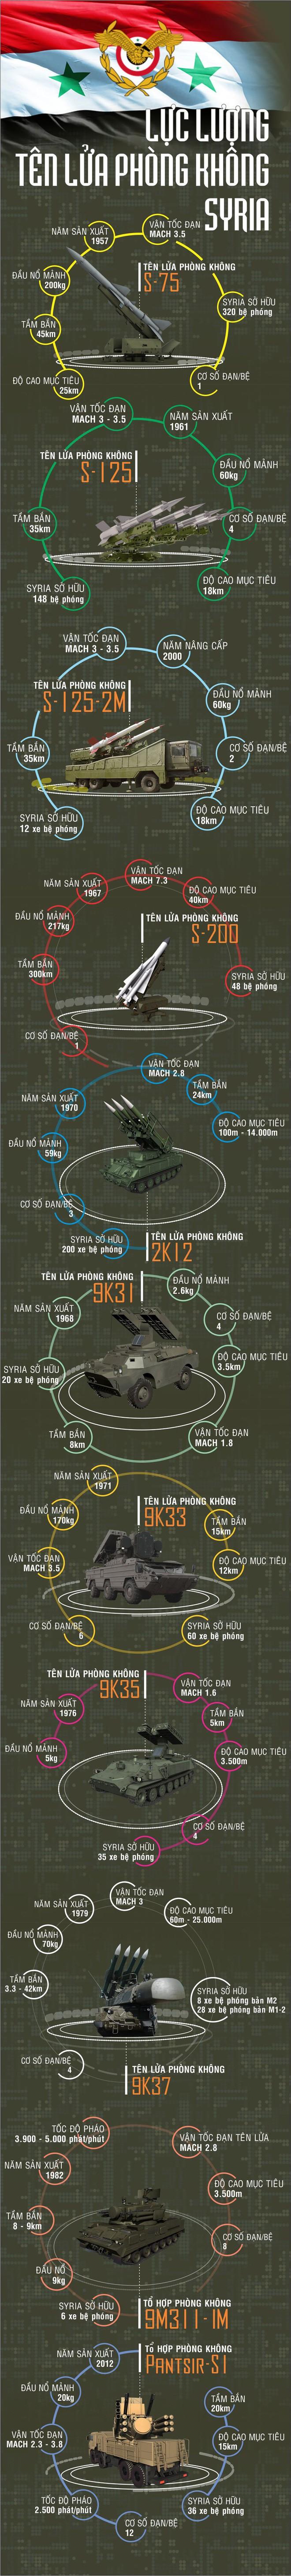 Bộ Quốc phòng Nga: Hiệu quả của PK Syria đánh tên lửa Mỹ - Pantsir-S1 số 1, Buk-M2 số 2 - Ảnh 5.